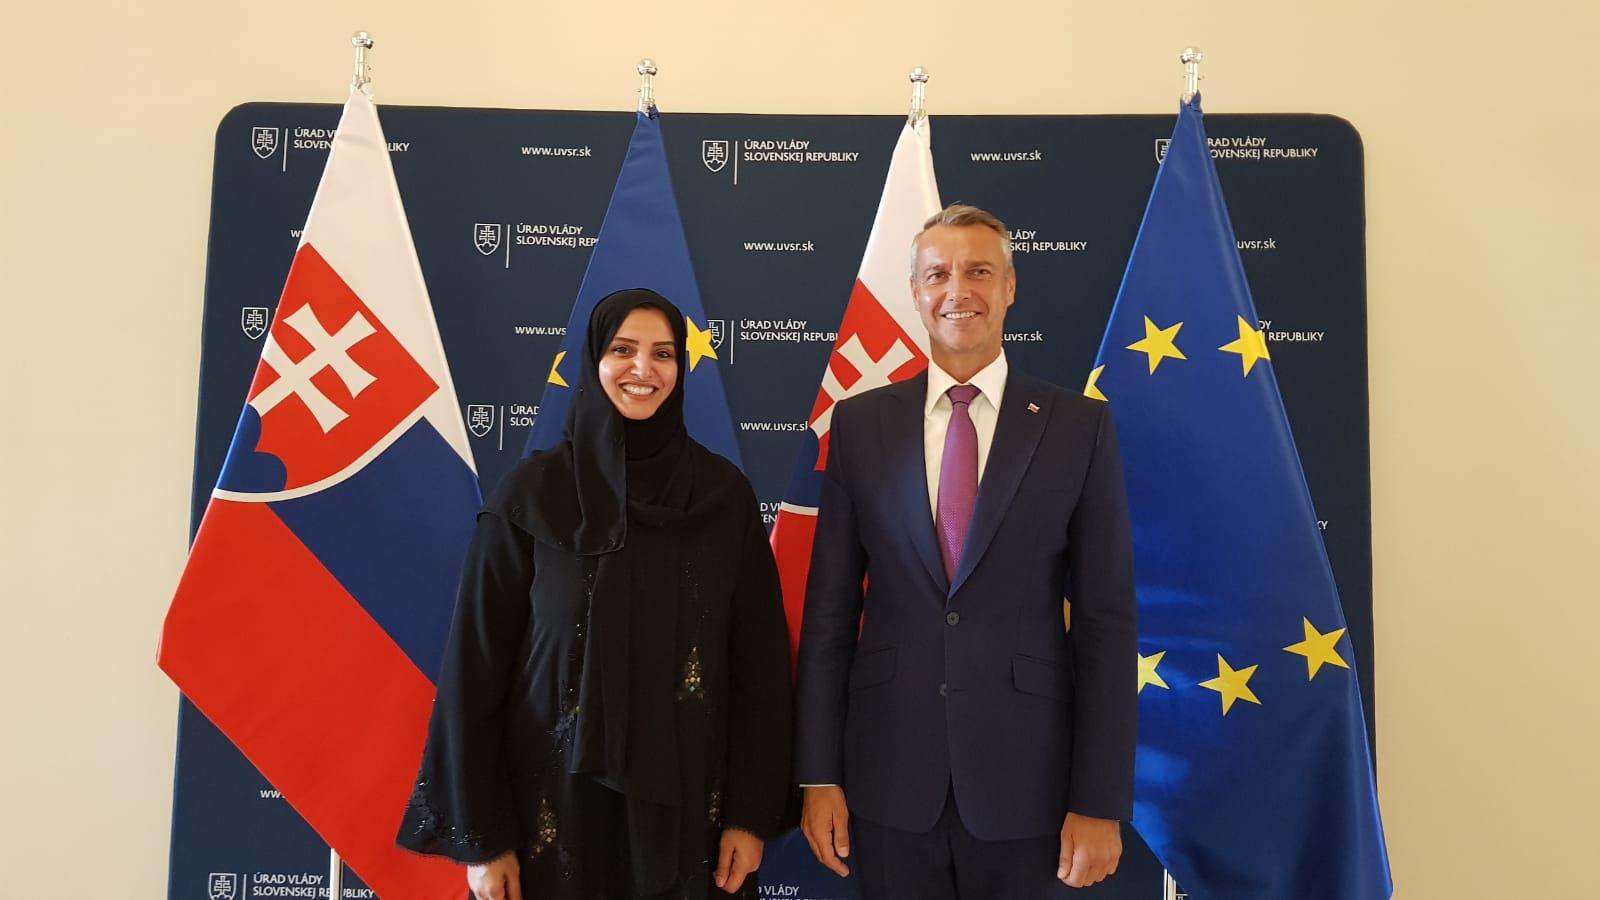 Dubaj aj Slovensko majú spoločný cieľ – zjednodušovať ľuďom život